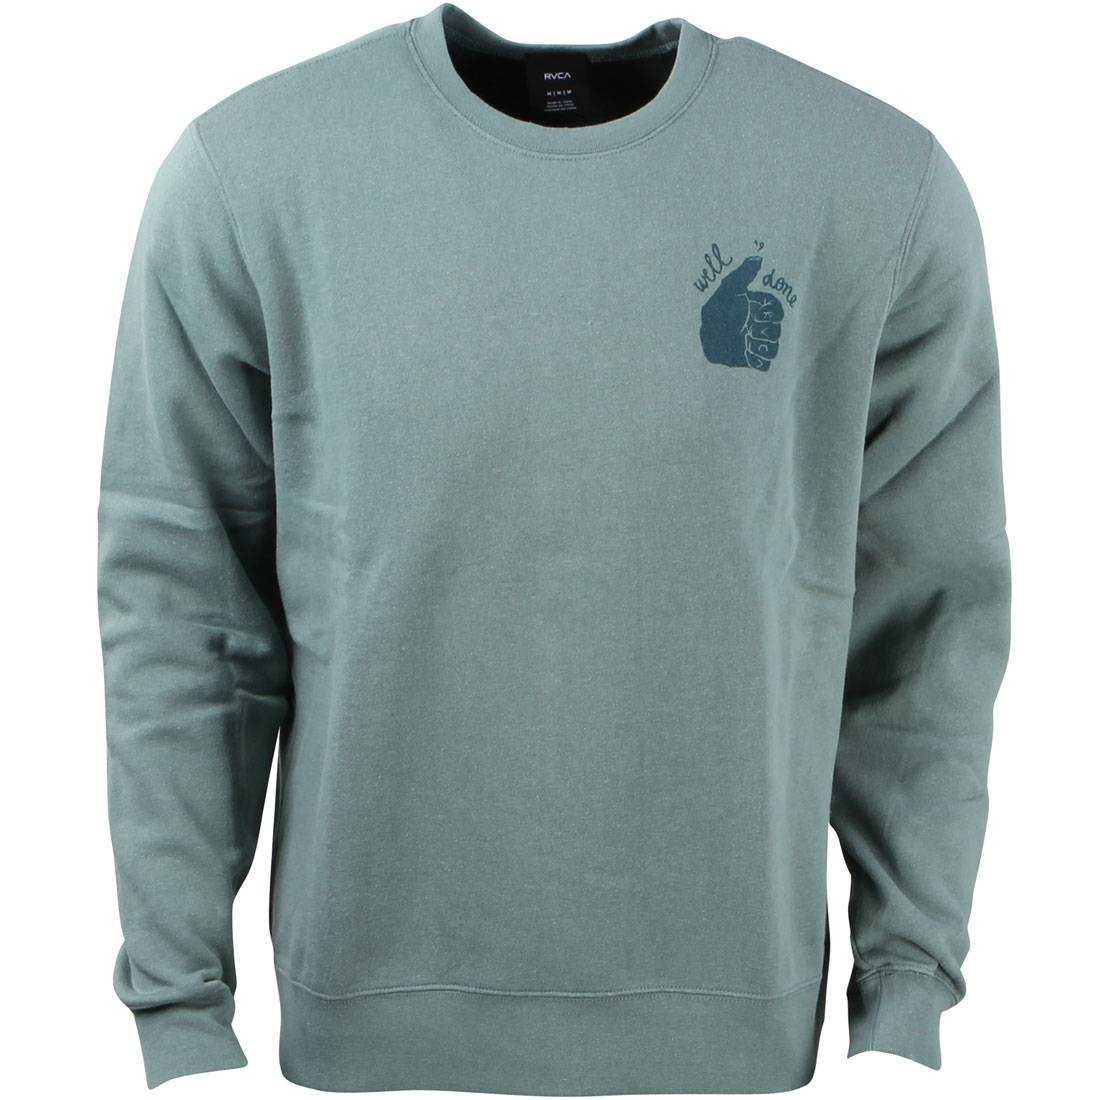 ルーカ 【 RVCA MEN WELL DONE SWEATER GREEN SAGE LEAF 】 メンズファッション トップス Tシャツ カットソー